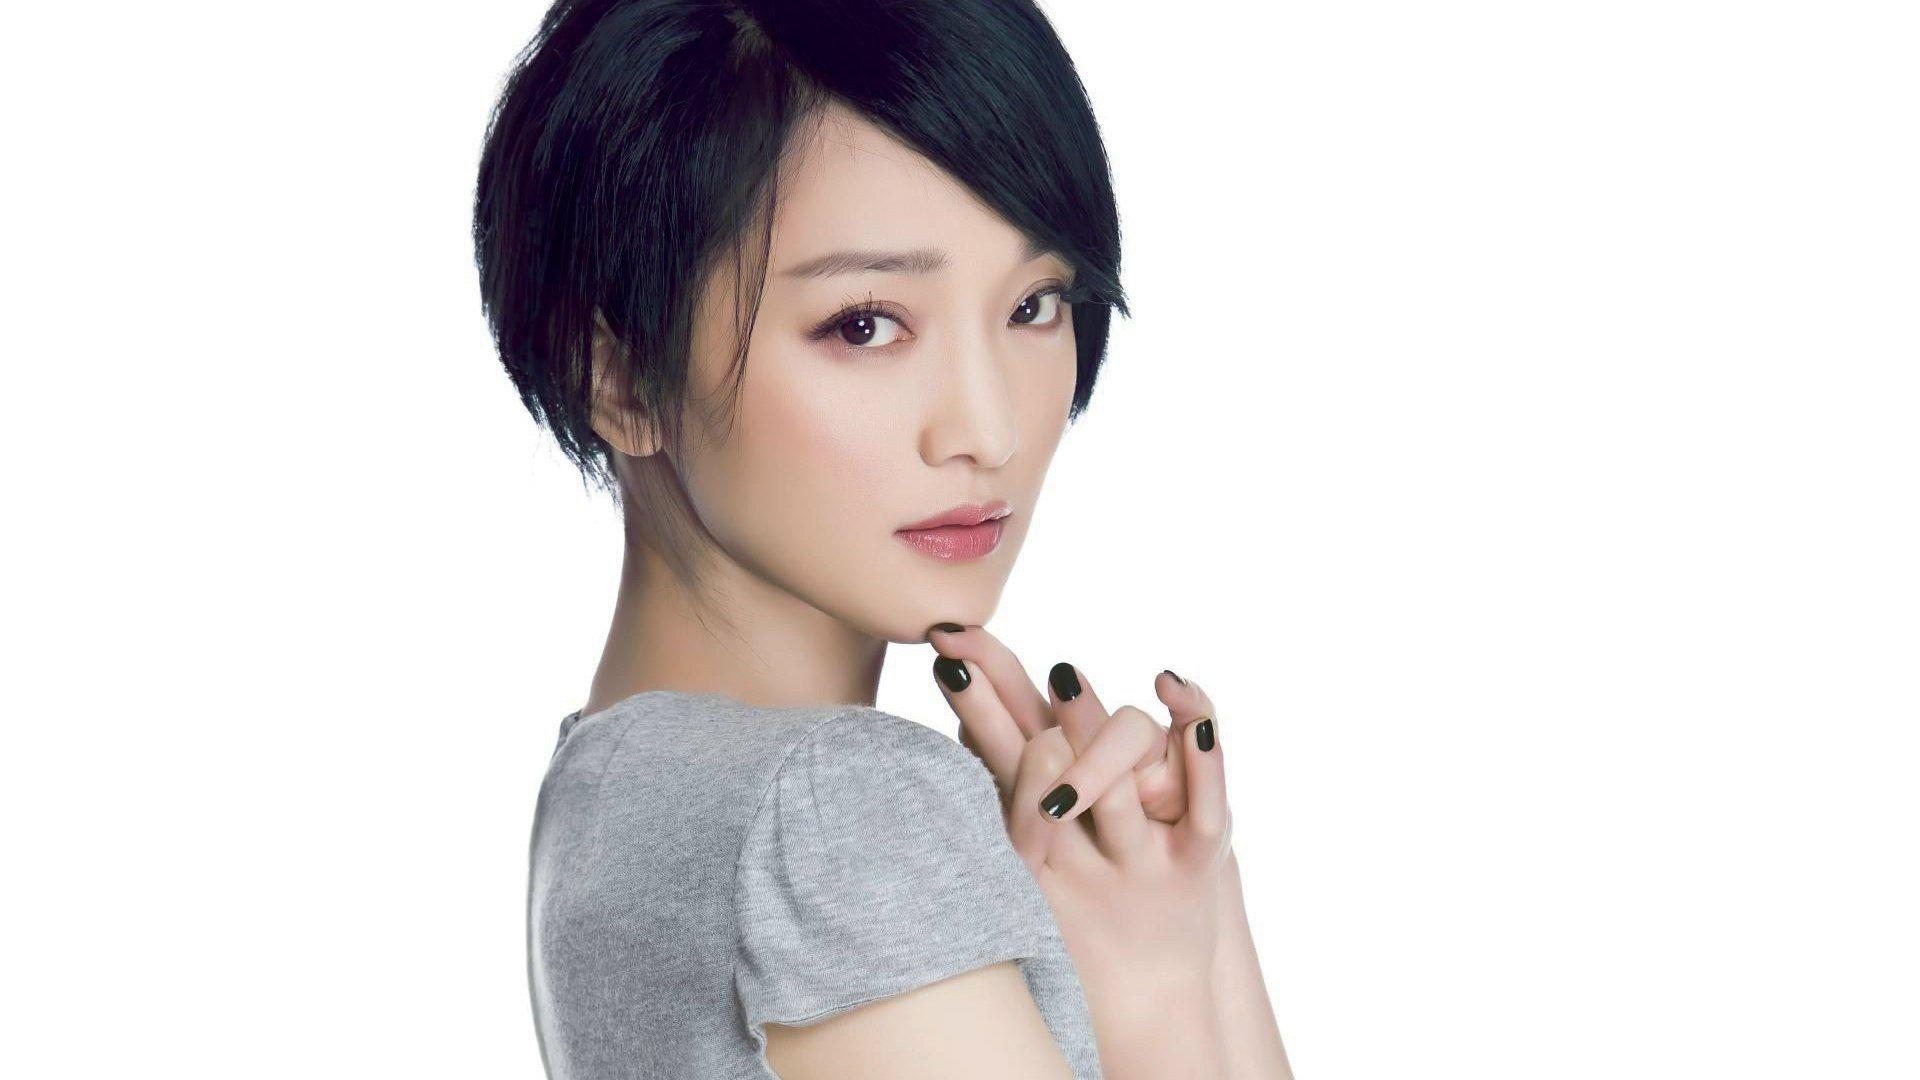 zhou-xun-508a4c4f1b1d2-beauty